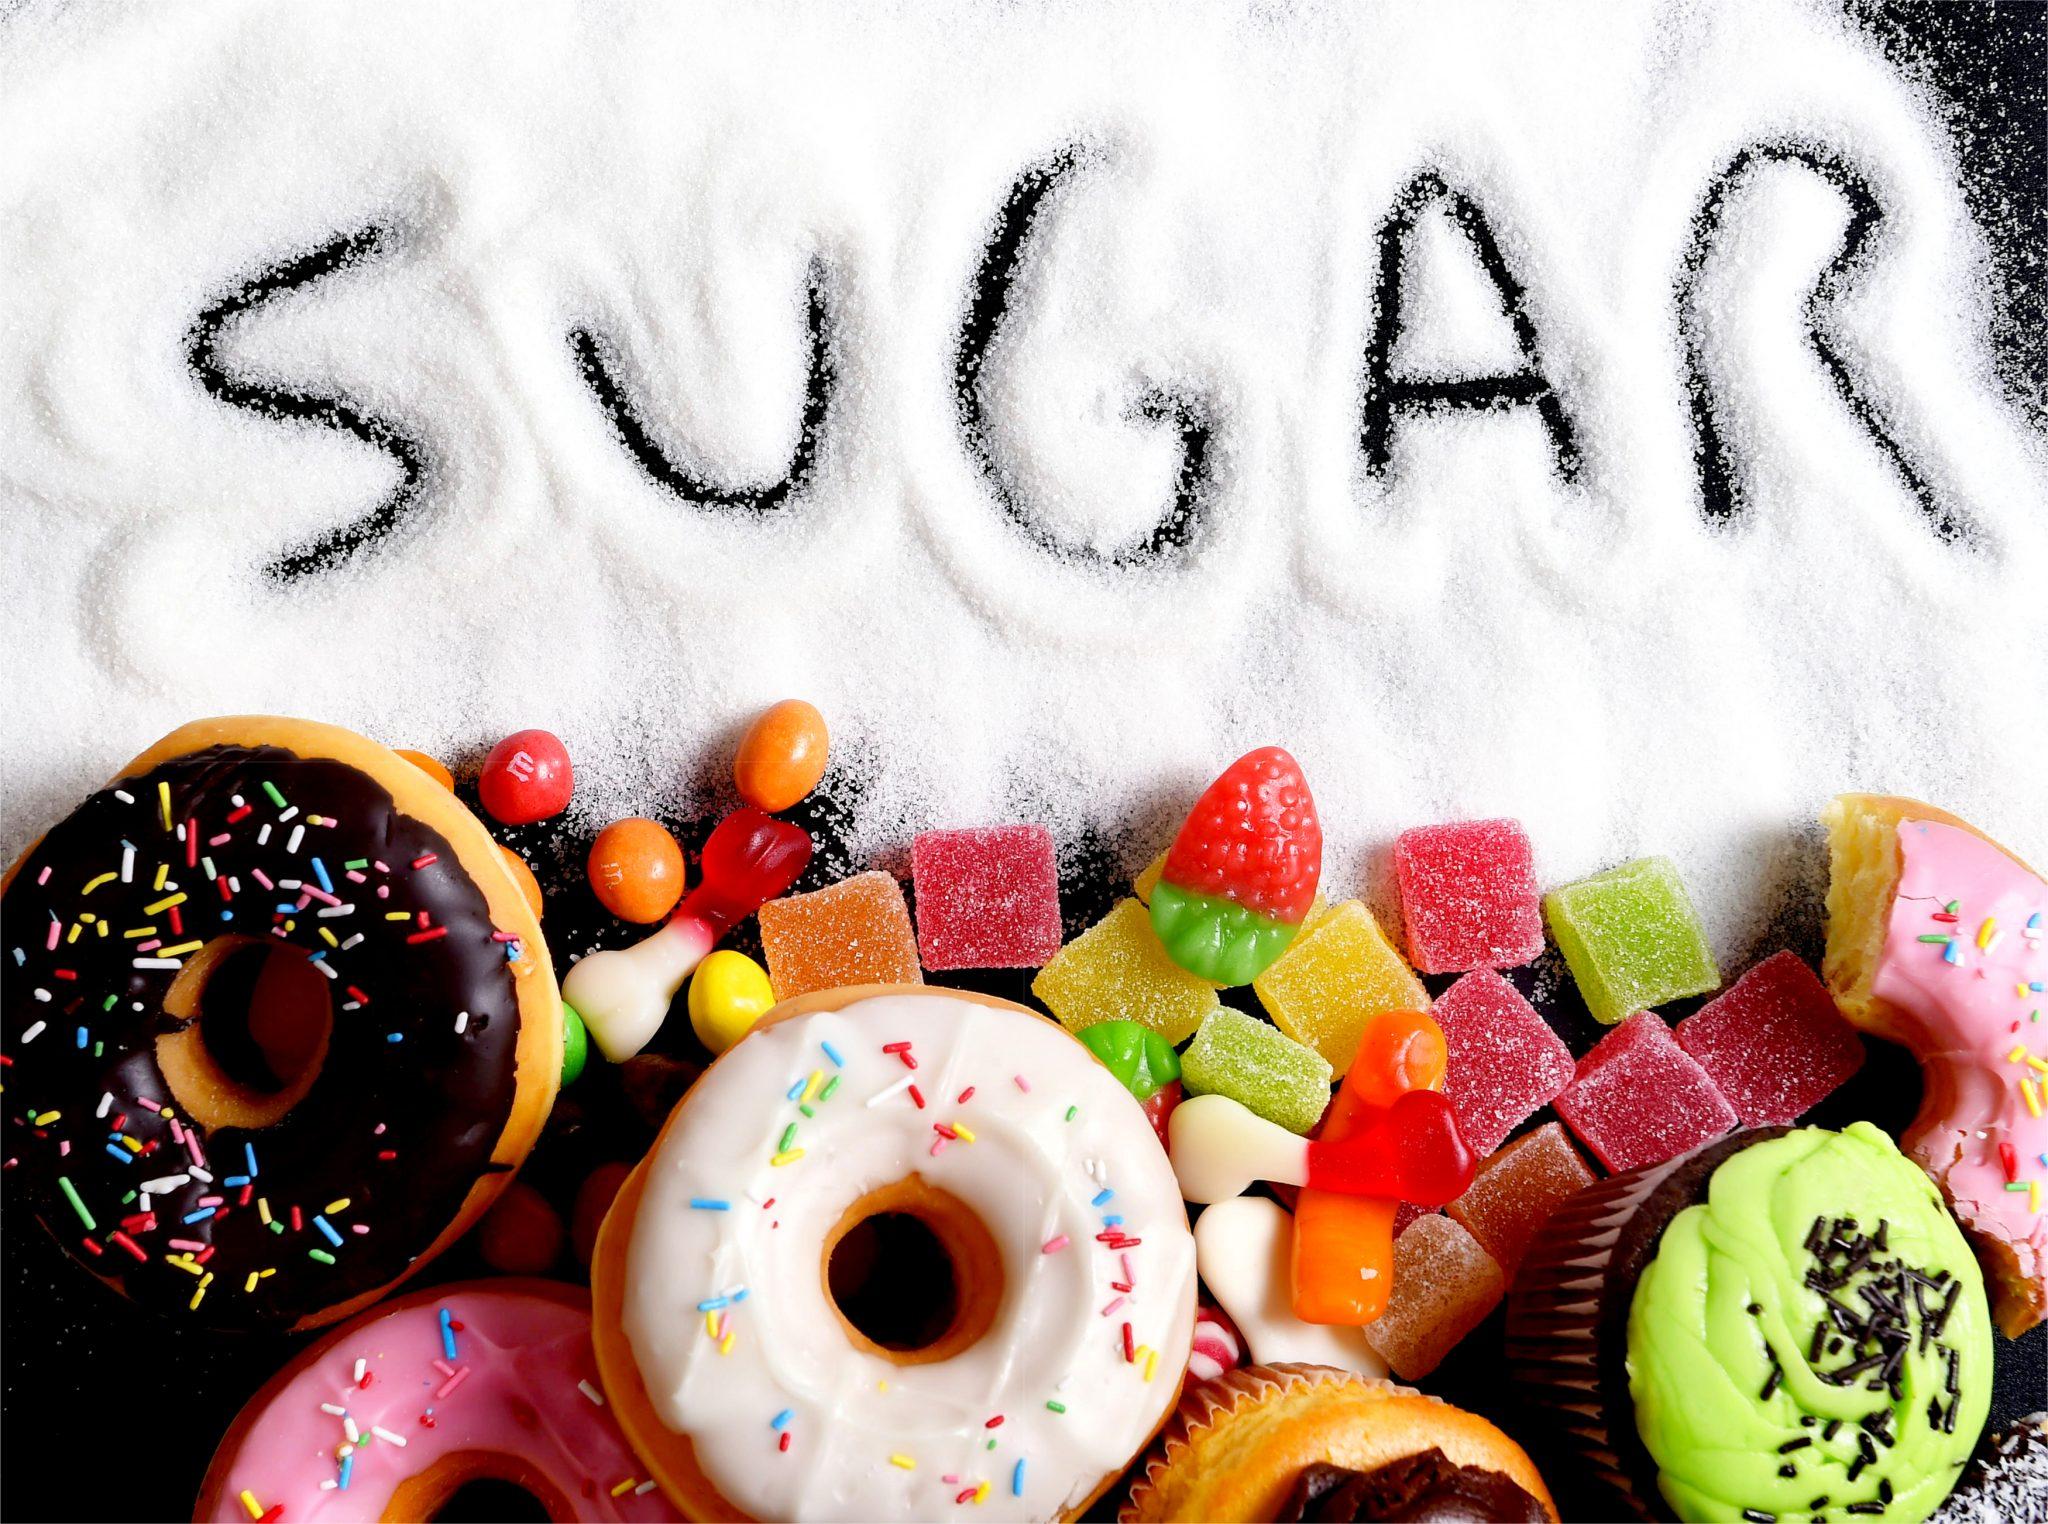 砂糖をいっぱい含む食べ物